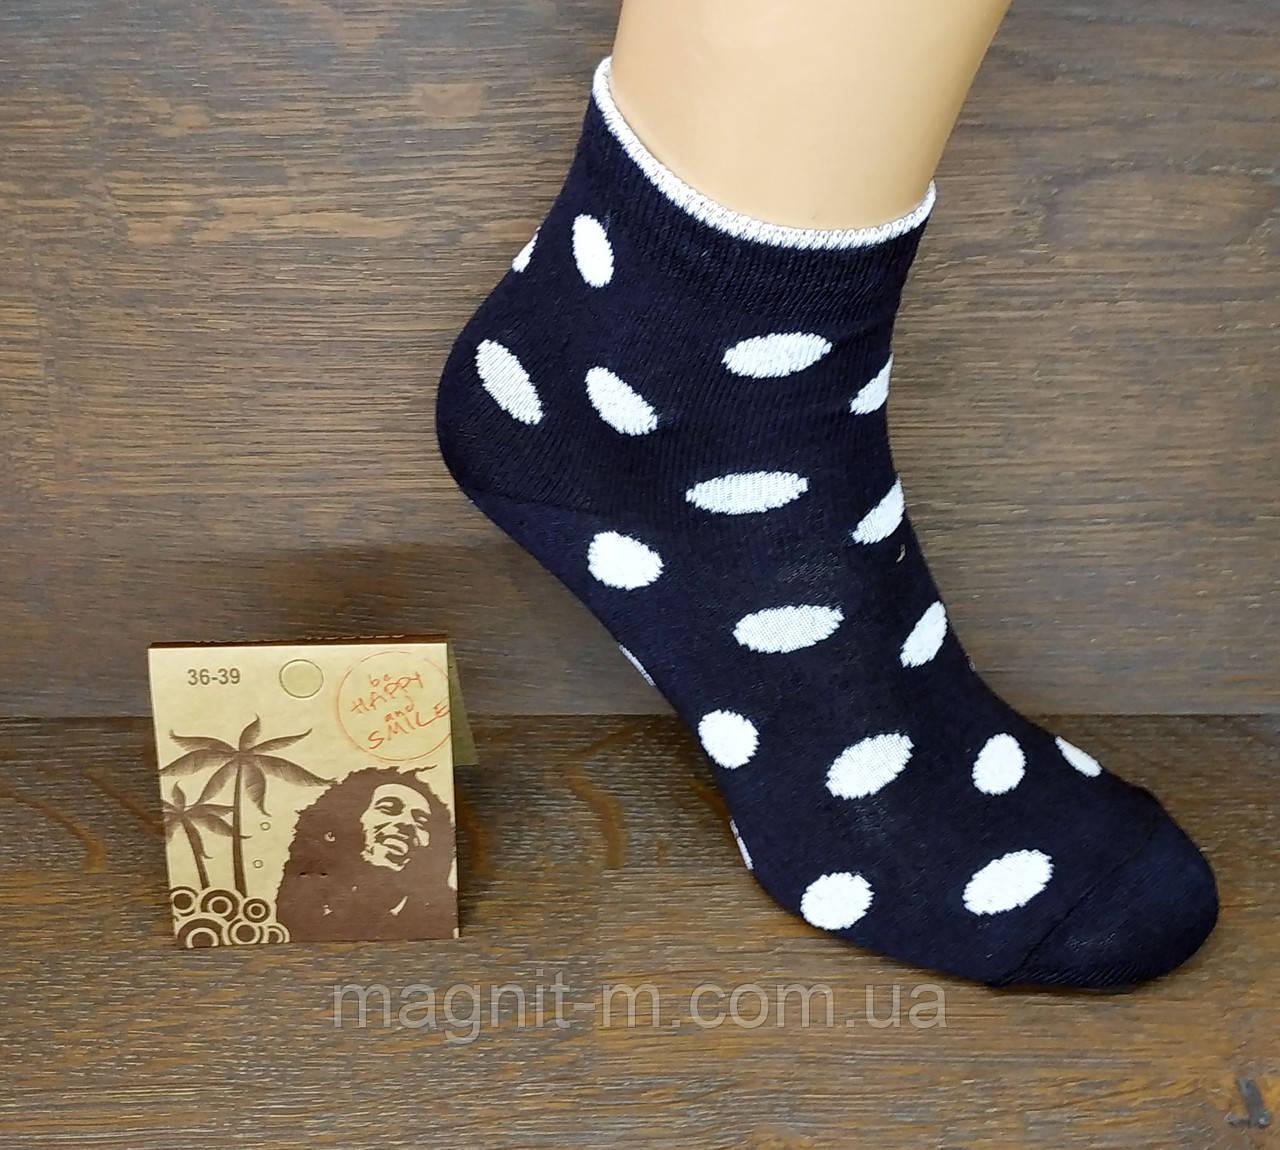 """Шкарпетки жіночі середньої висоти """"Горошки"""". Білий на чорному. (Роздріб)."""